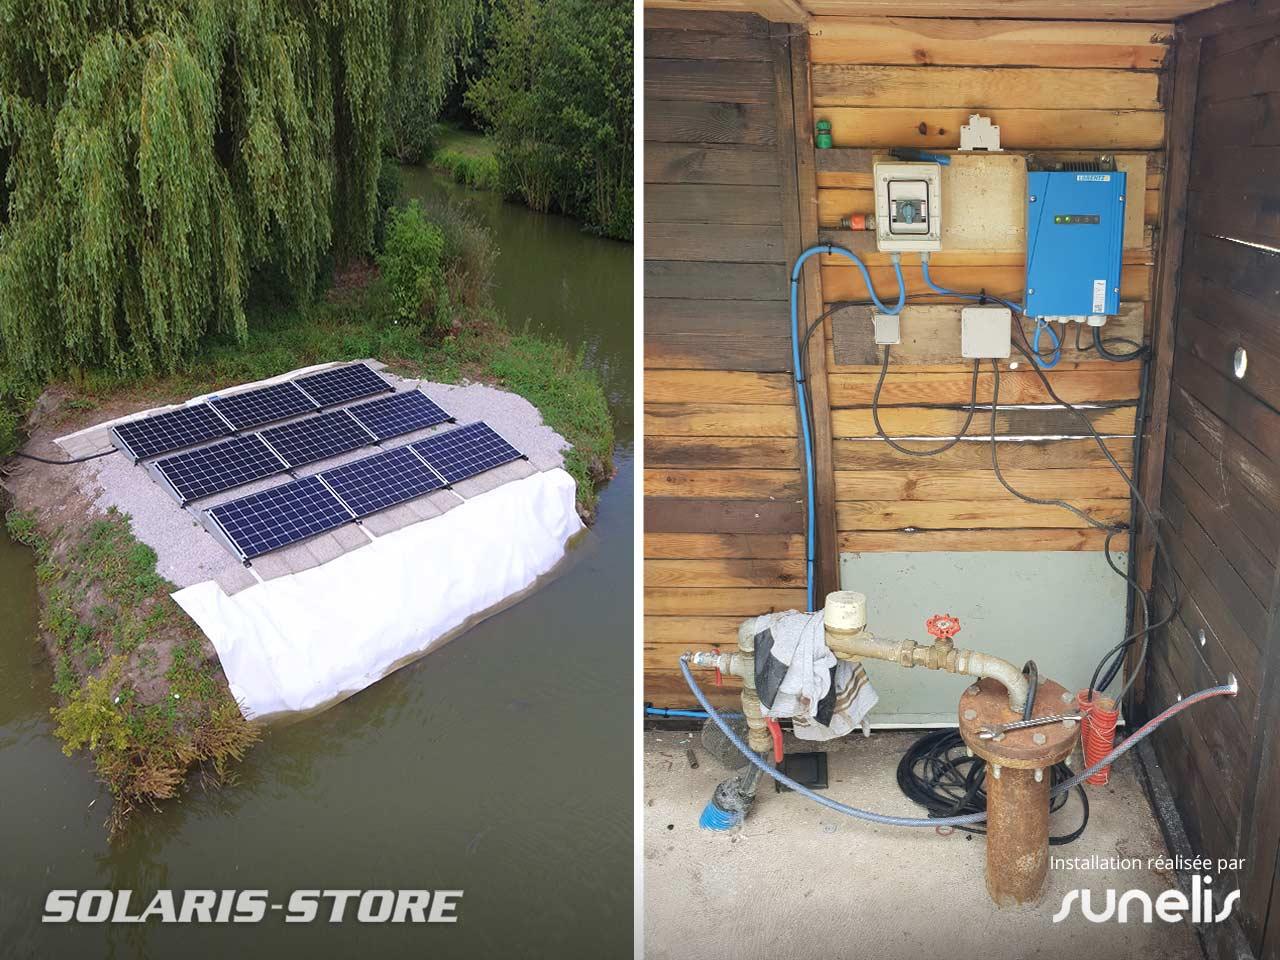 Nord (59) / Centrale de pompage solaire PV avec pompe immergée Lorentz